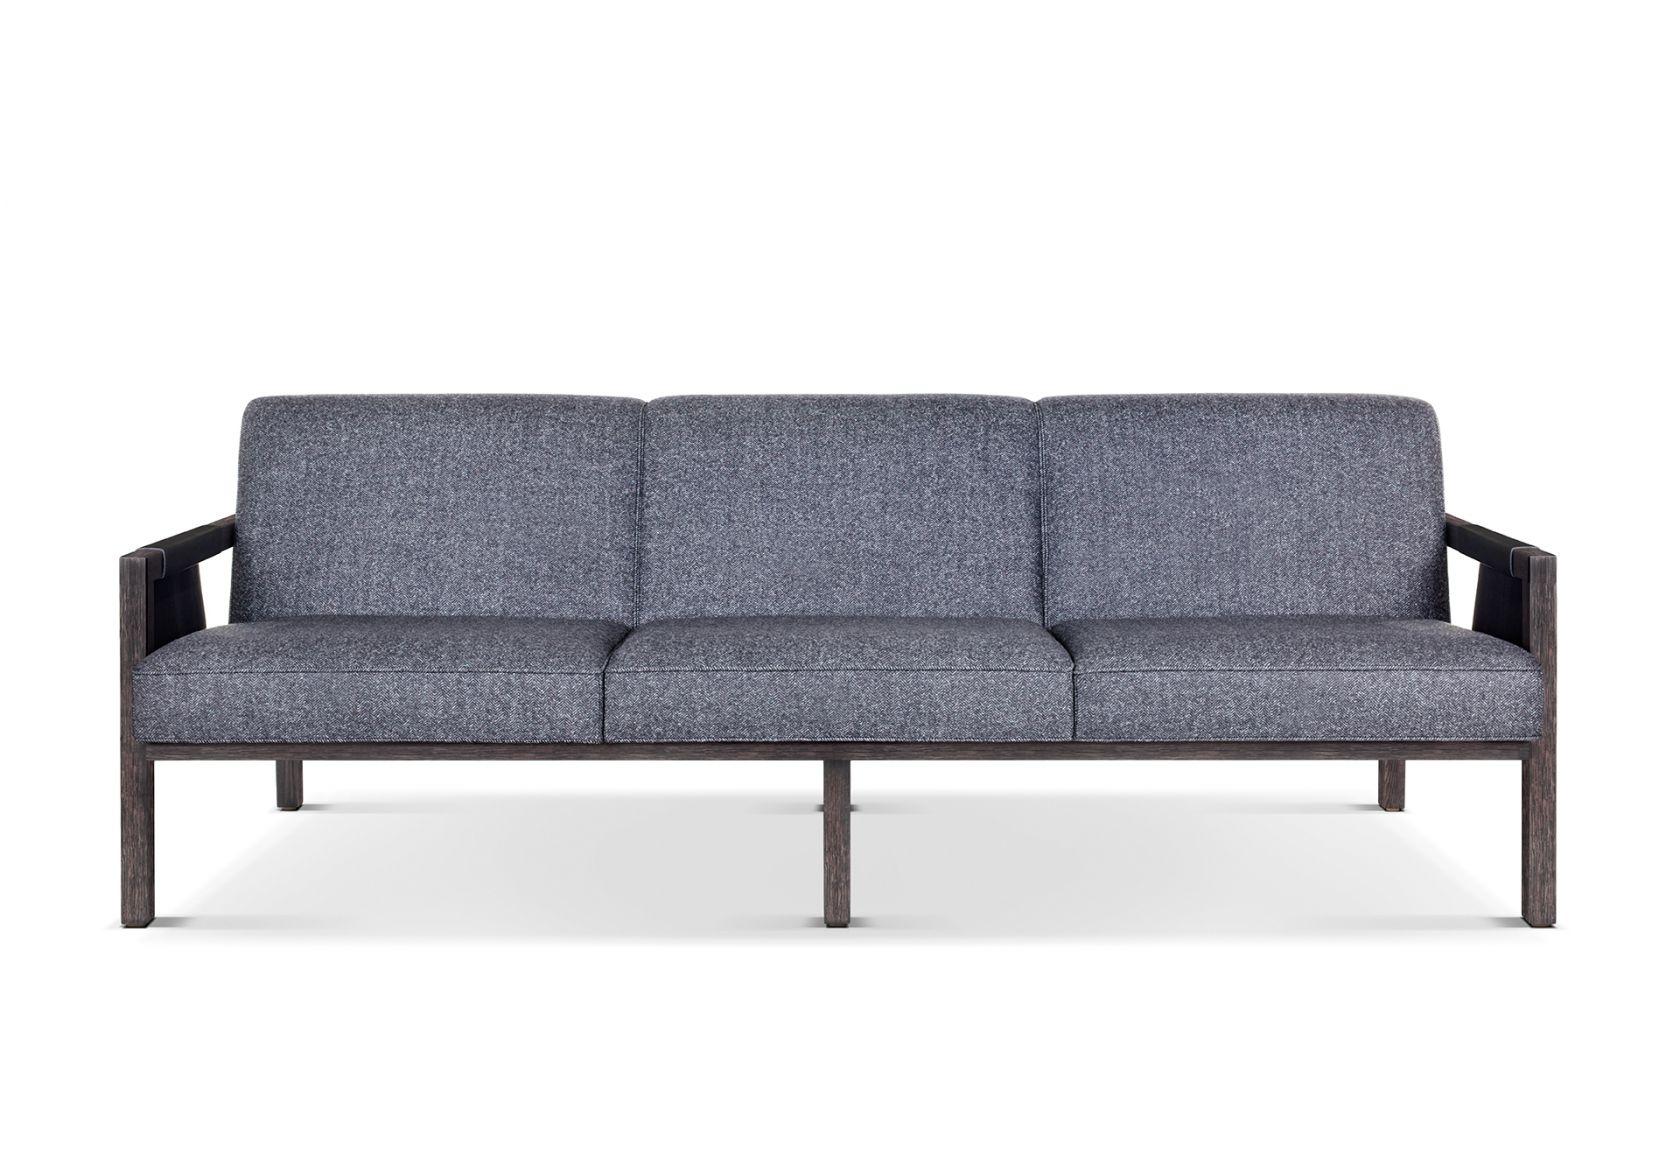 toro-badjo-sofa